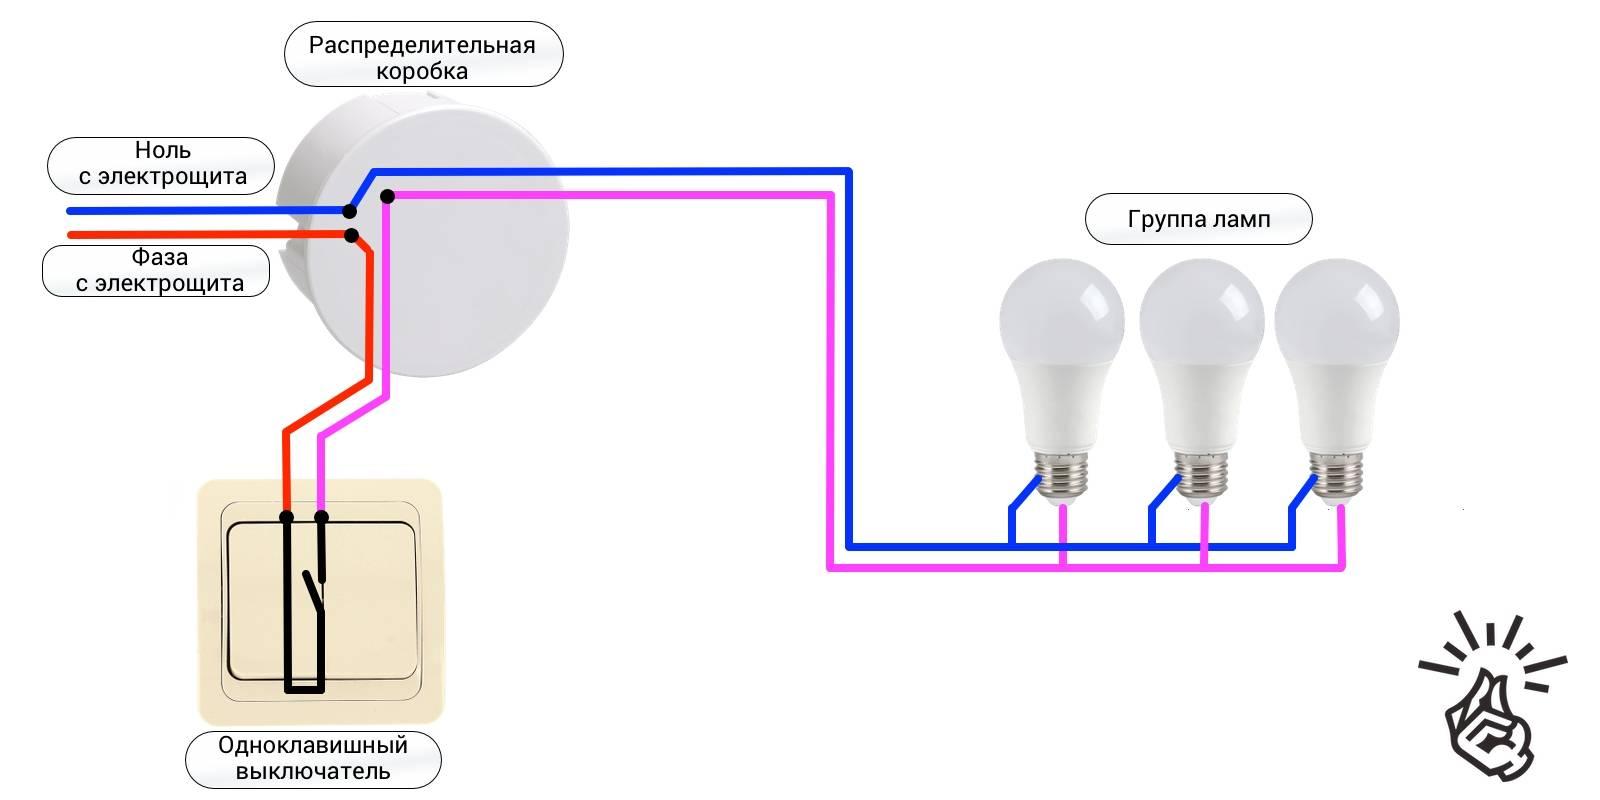 Как подключить выключатель с одной клавишей: правила и схемы подсоединения